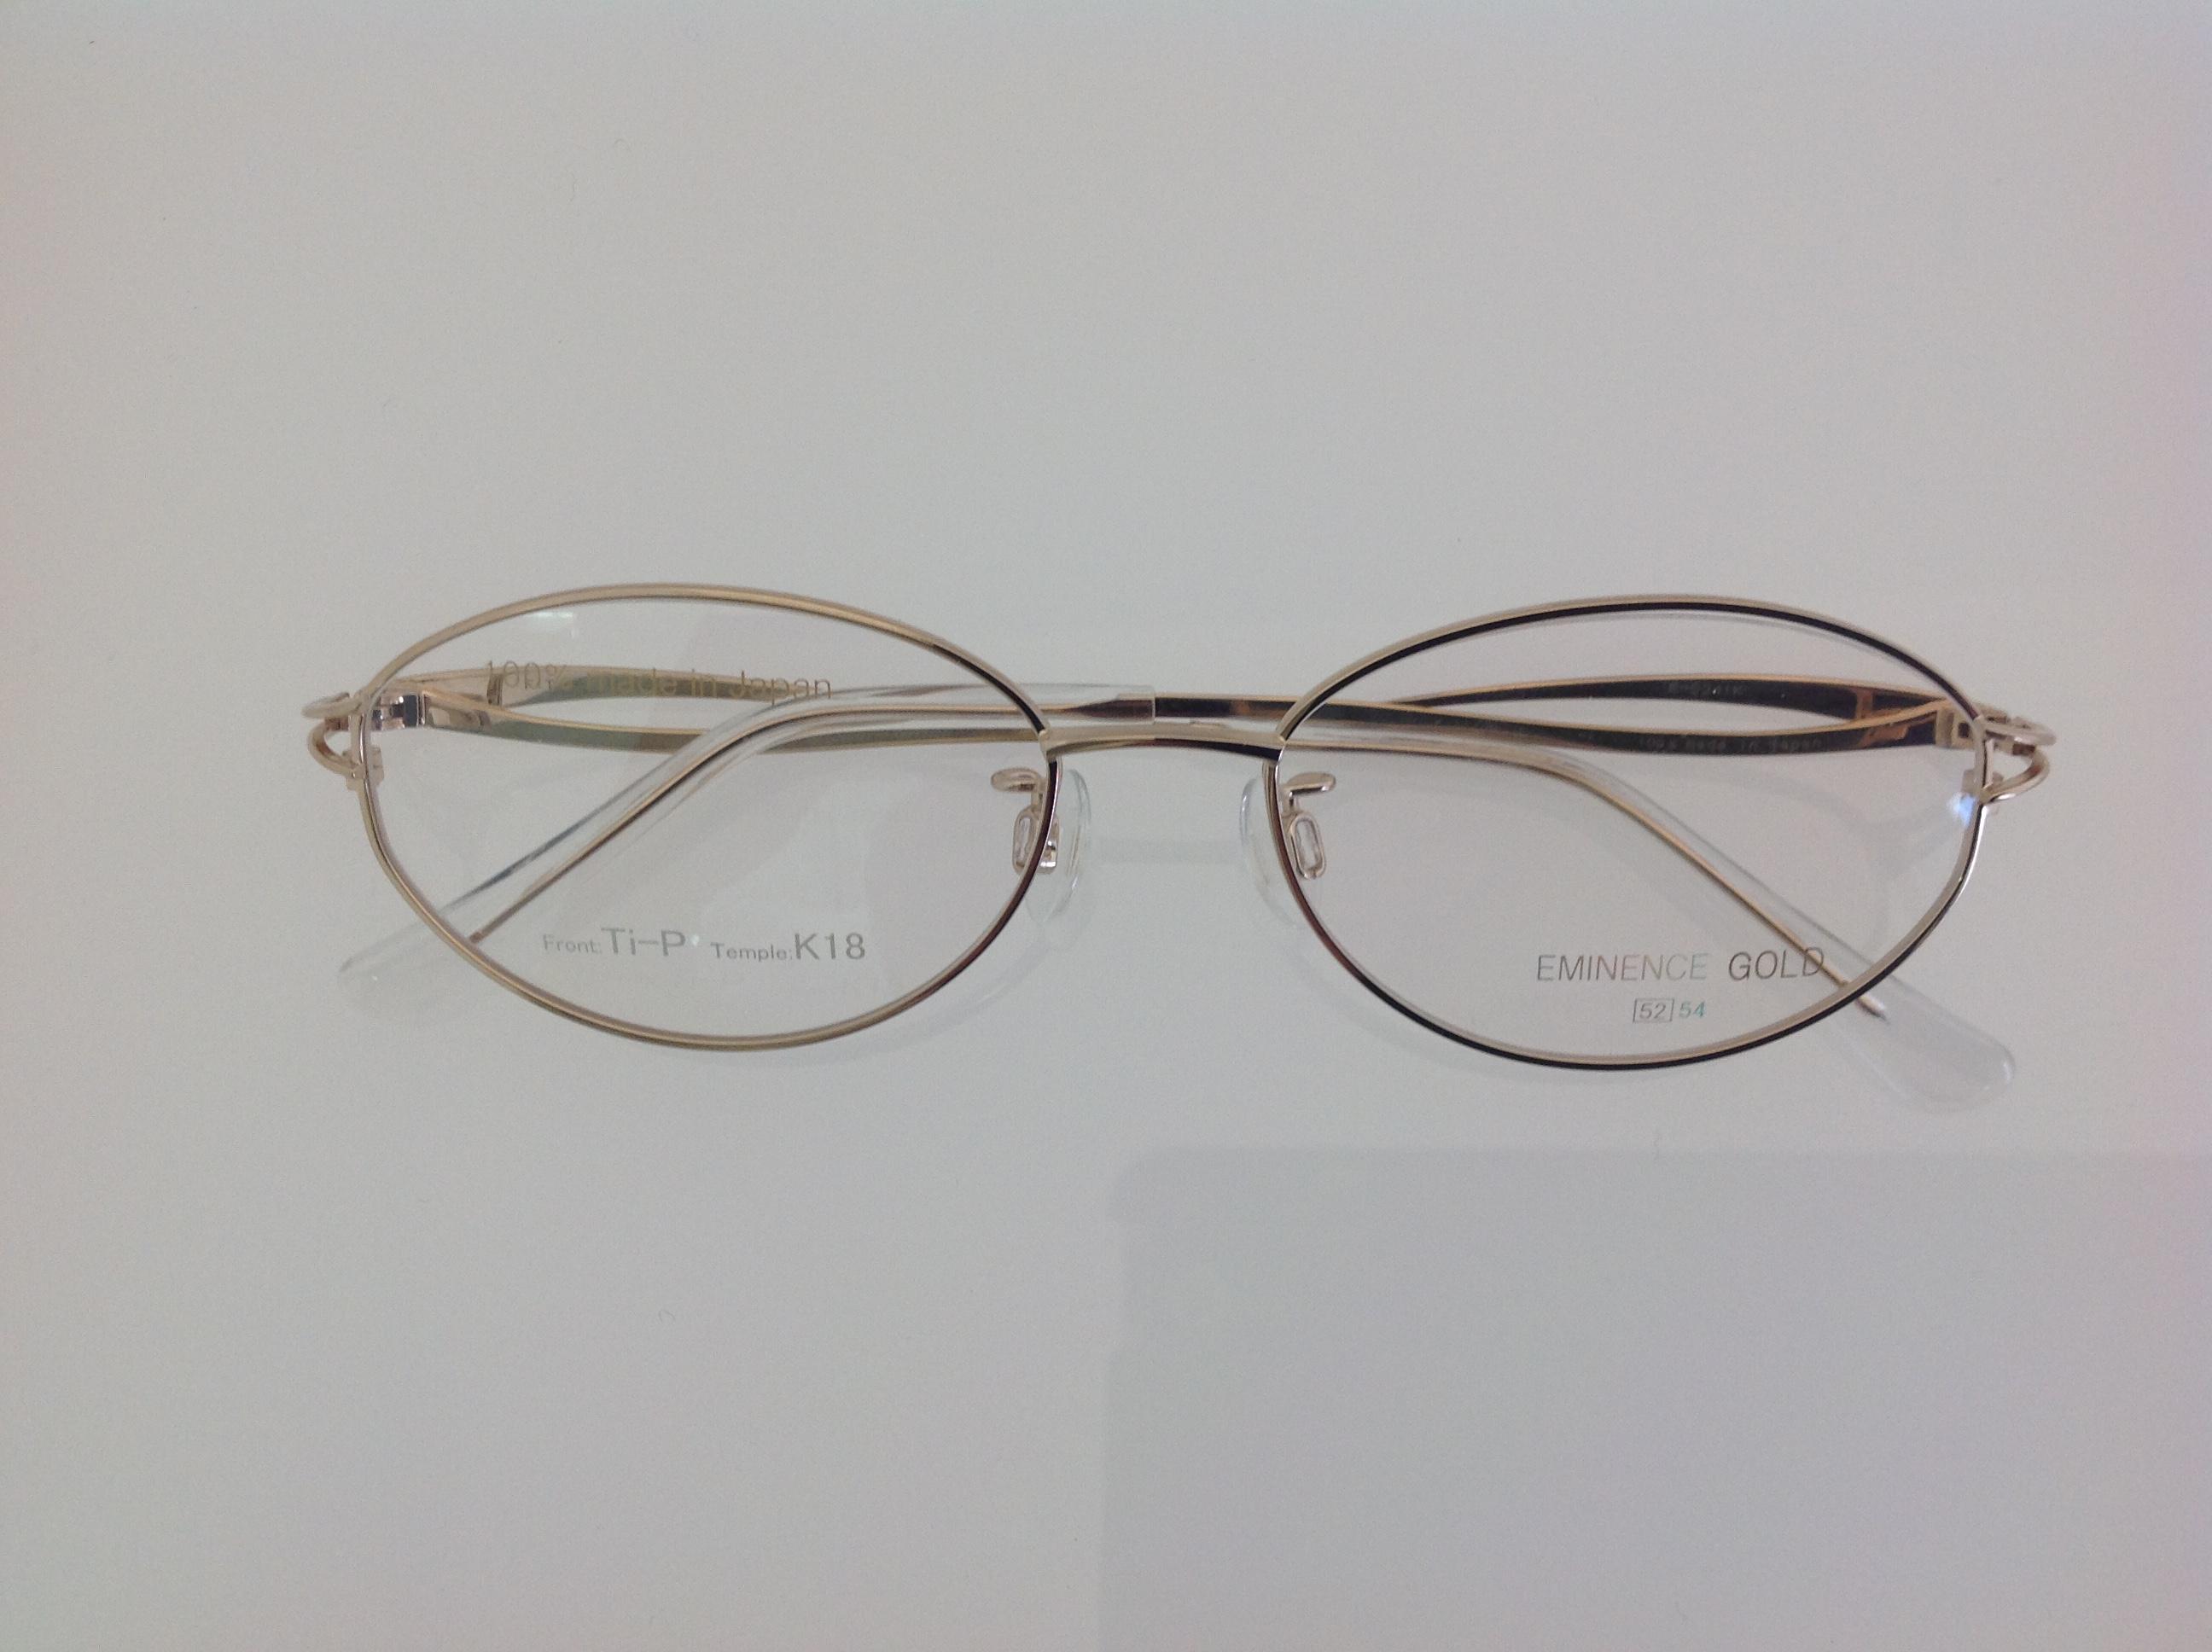 フロントチタンのK18メガネ